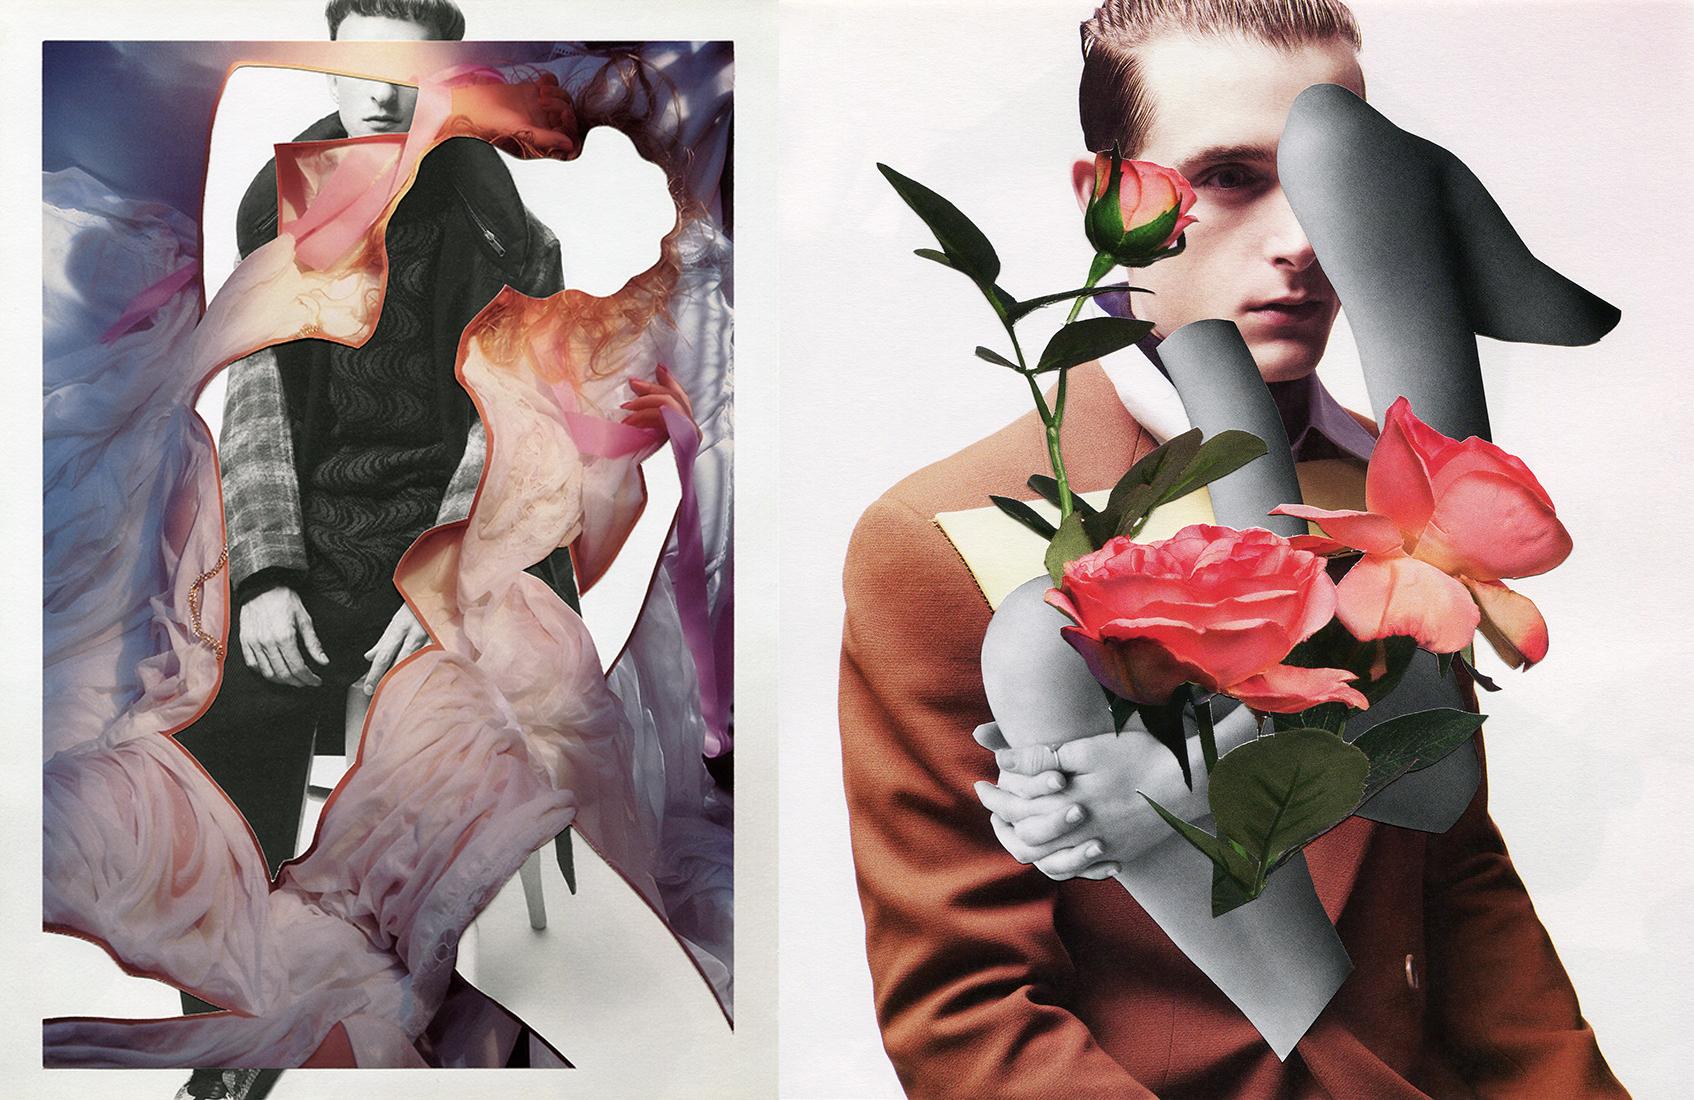 pablo-thecuadro-collage